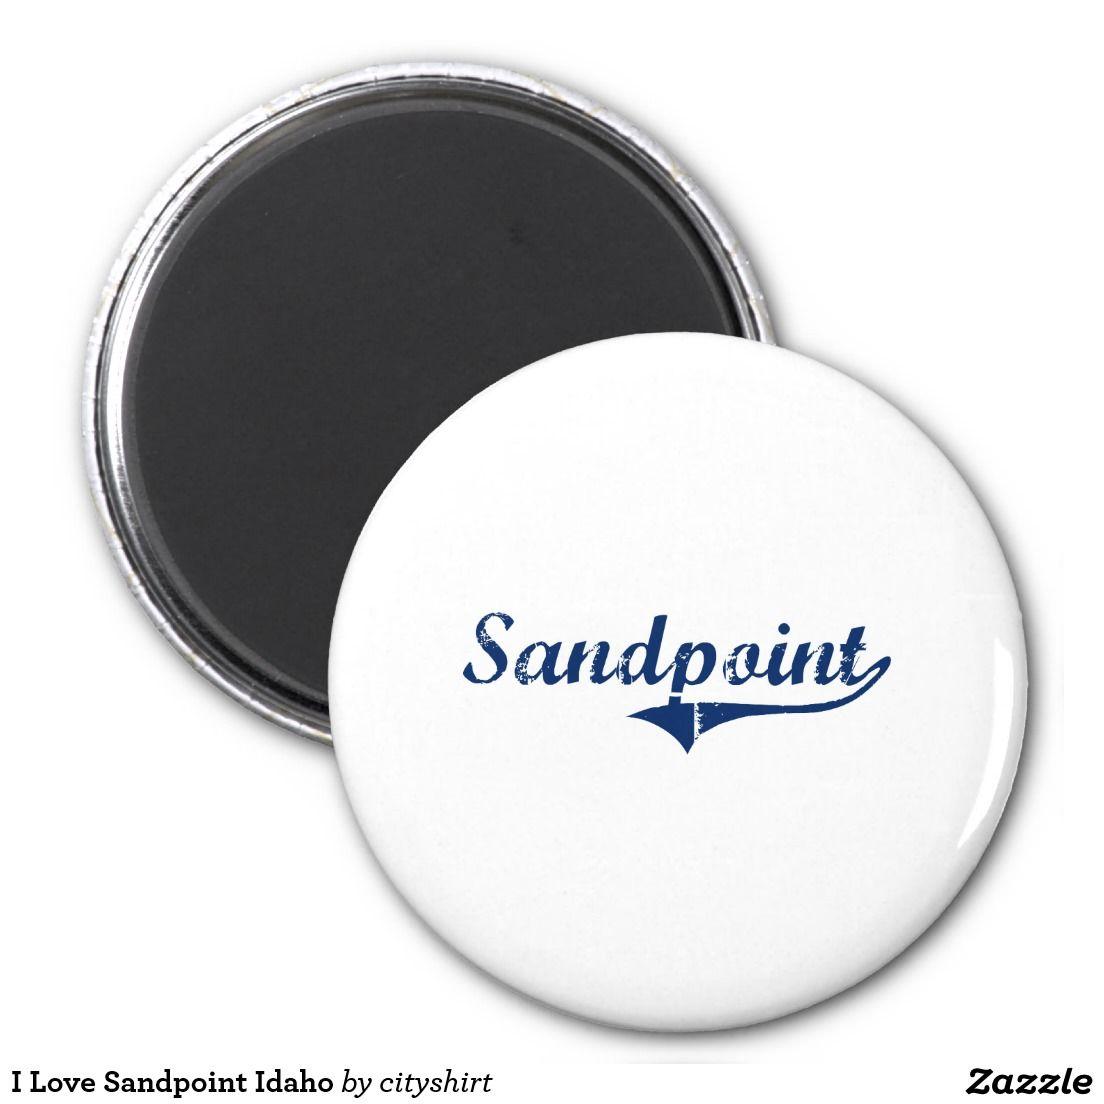 I love sandpoint idaho jersey city